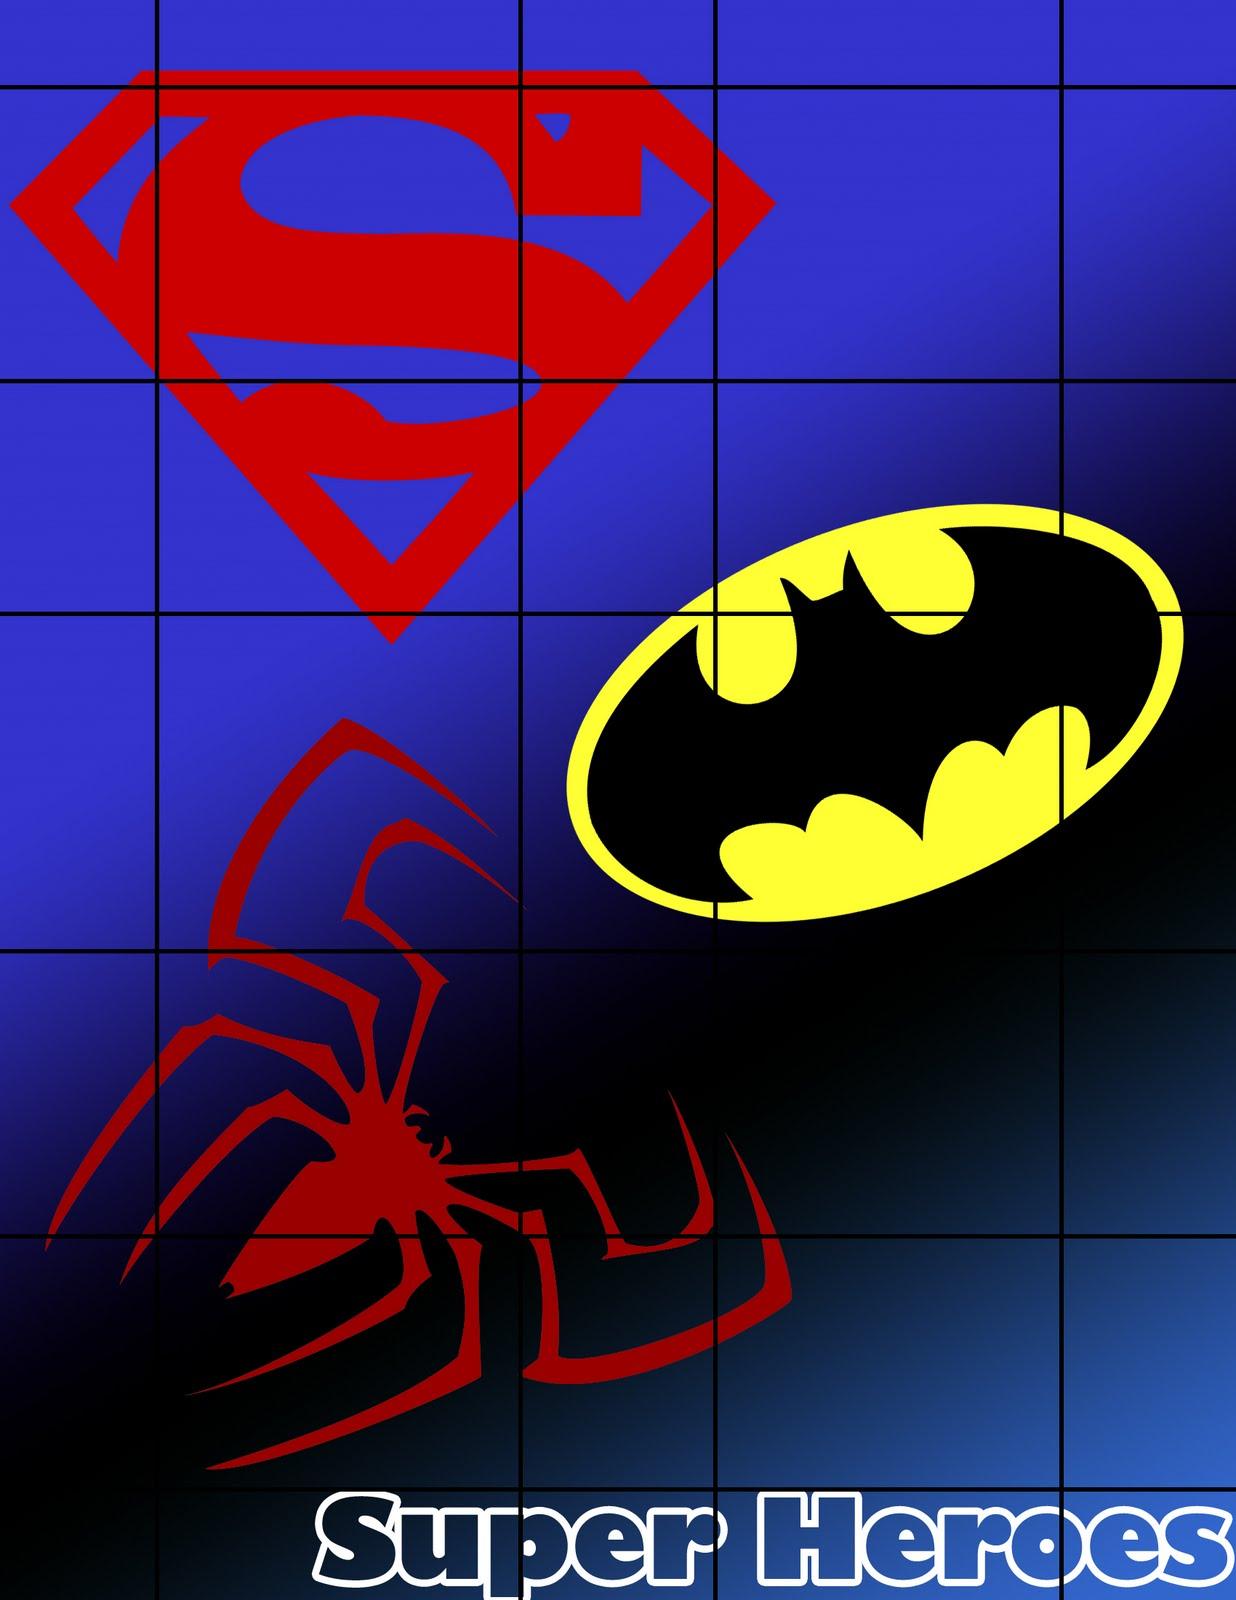 Listo Para imprimir-: Rompecabezas de Super heroes